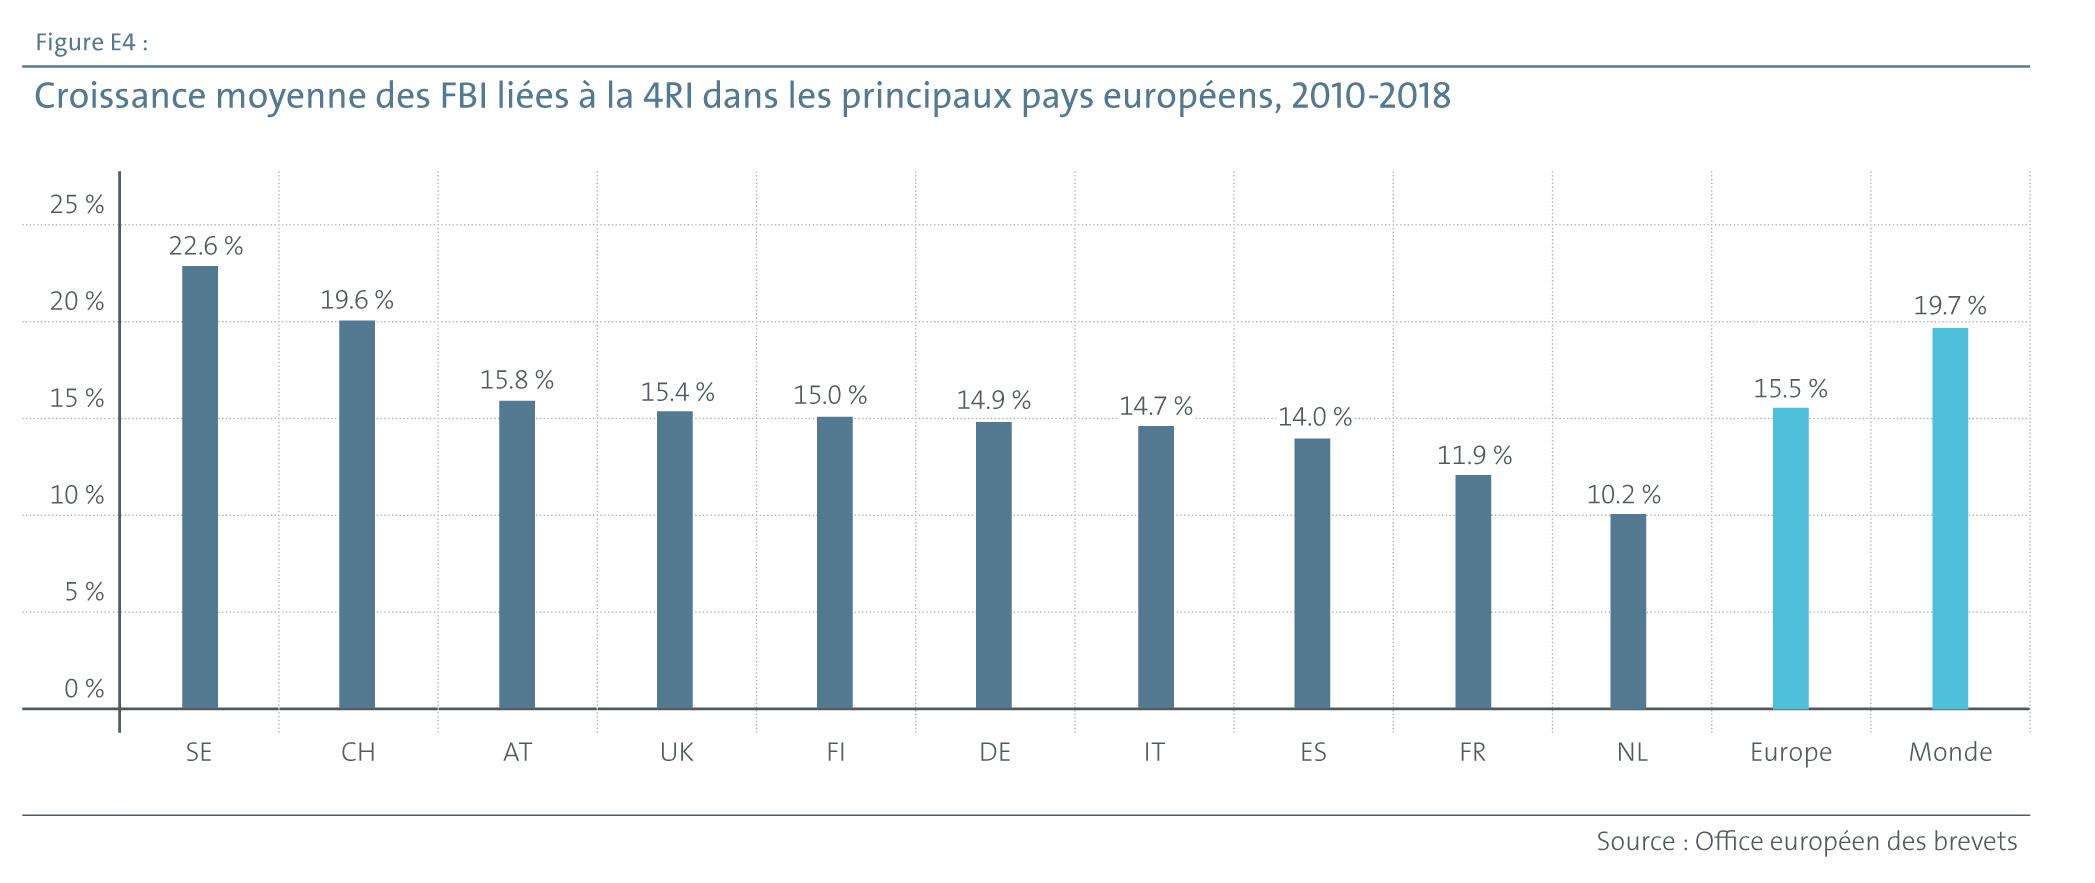 Croissance moyenne des FBI liées à la 4RI dans les principaux pays européens, 2010-2018 (source OEB)